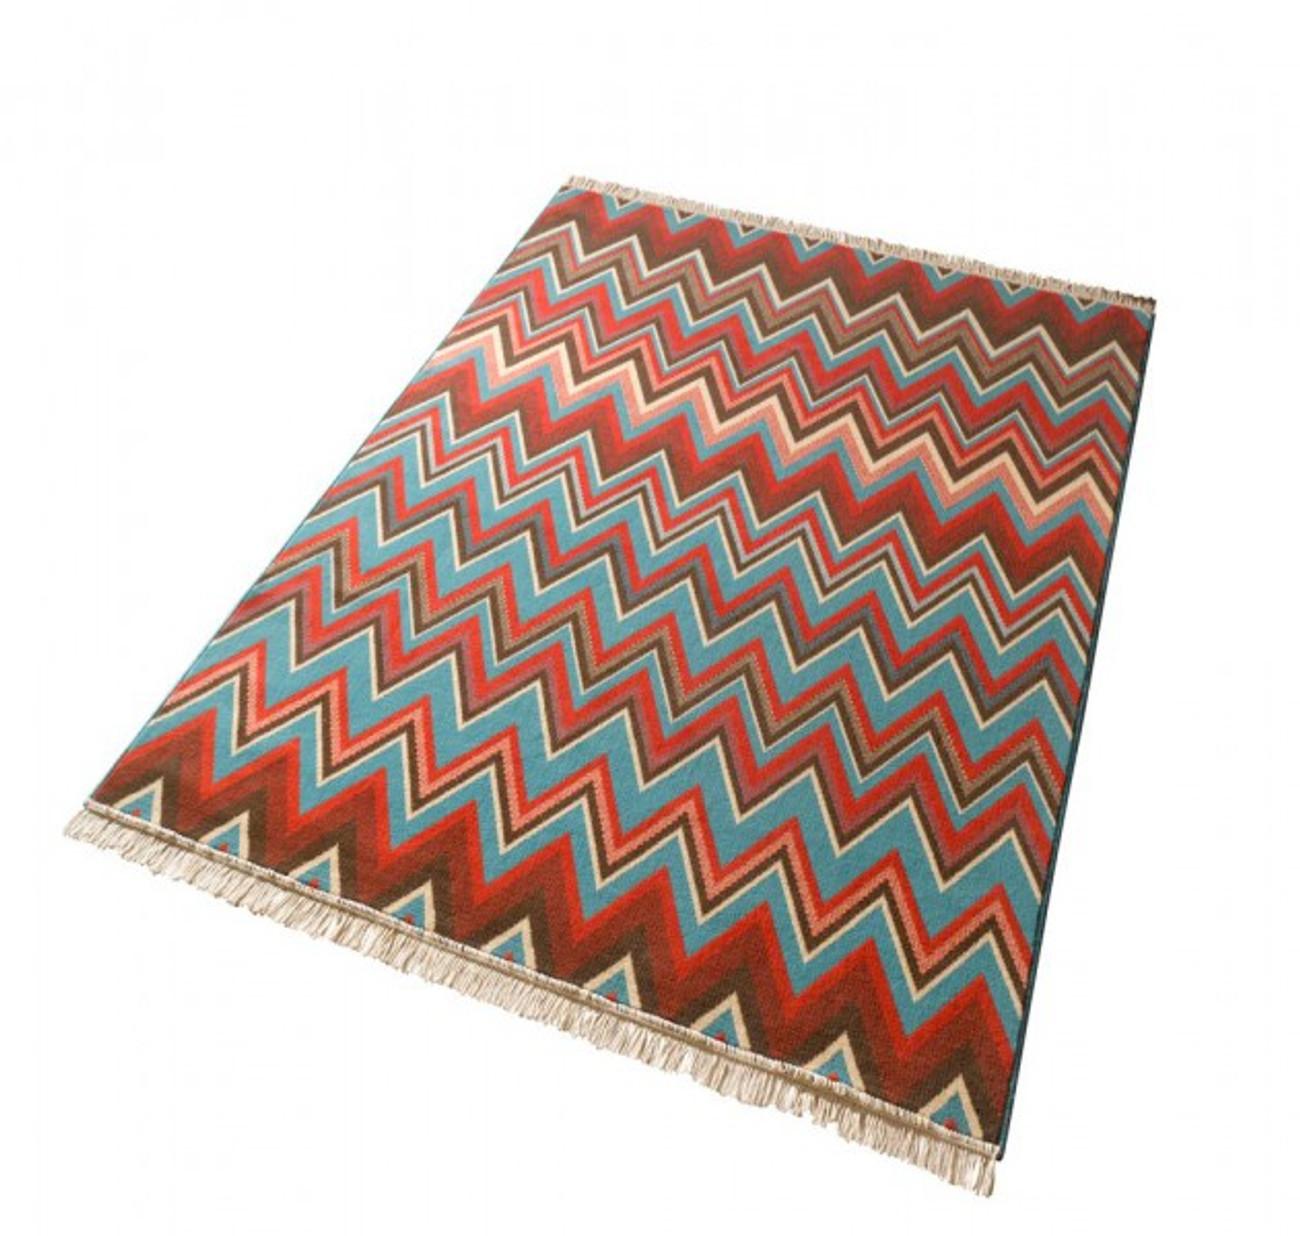 design velours teppich streak mit fransen blau rot braun. Black Bedroom Furniture Sets. Home Design Ideas